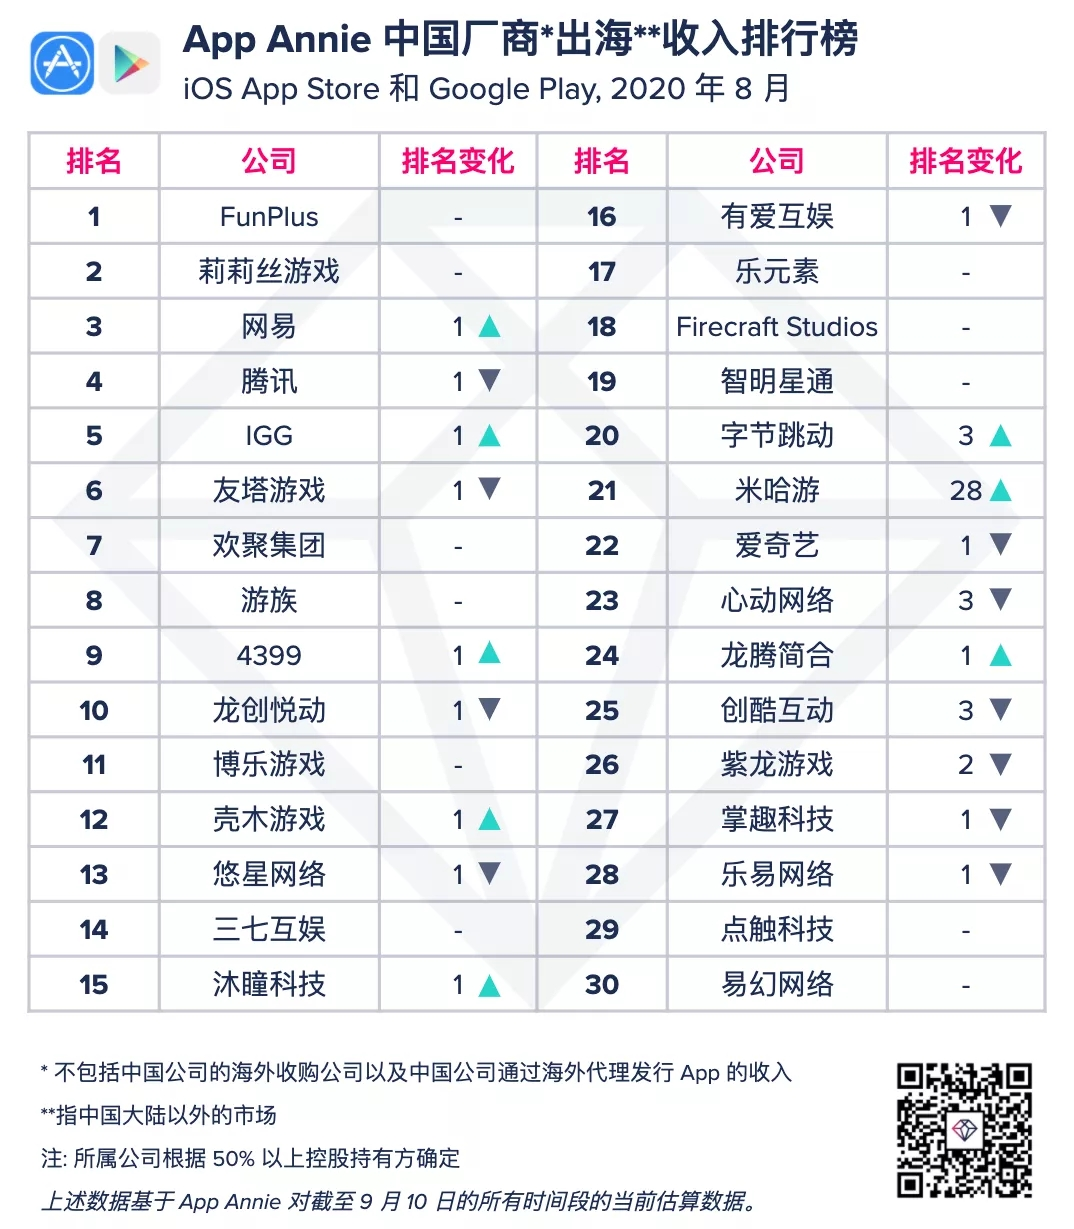 8月出海Top30发行商.jpg